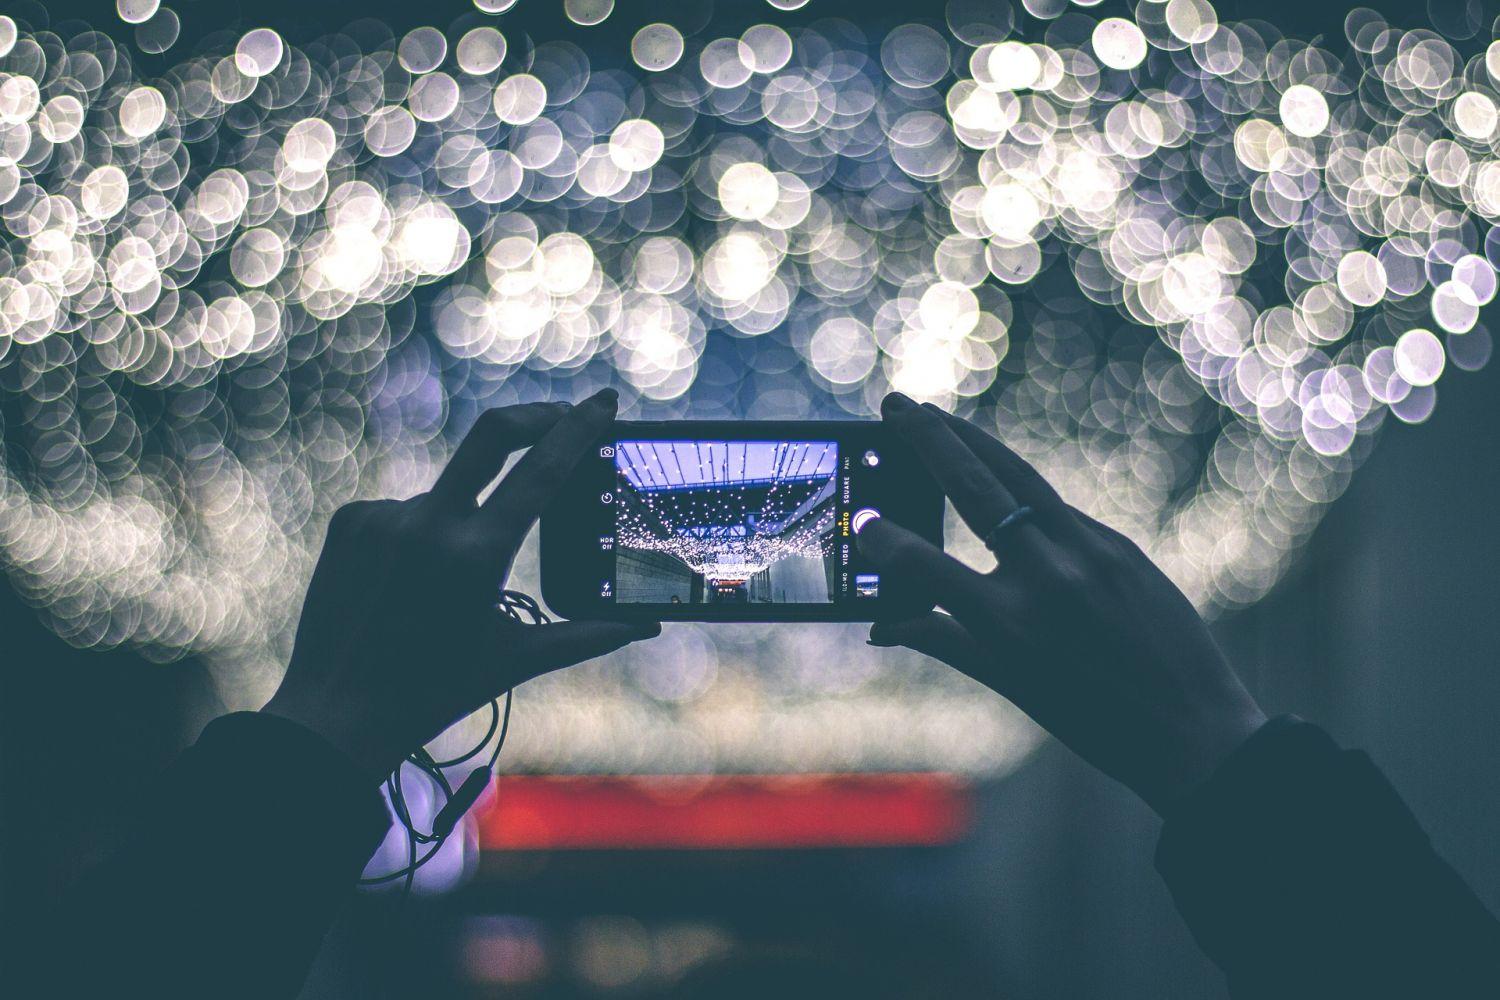 Jemand richtet sein Smartphone auf Lichterketten, um sie zu fotografieren